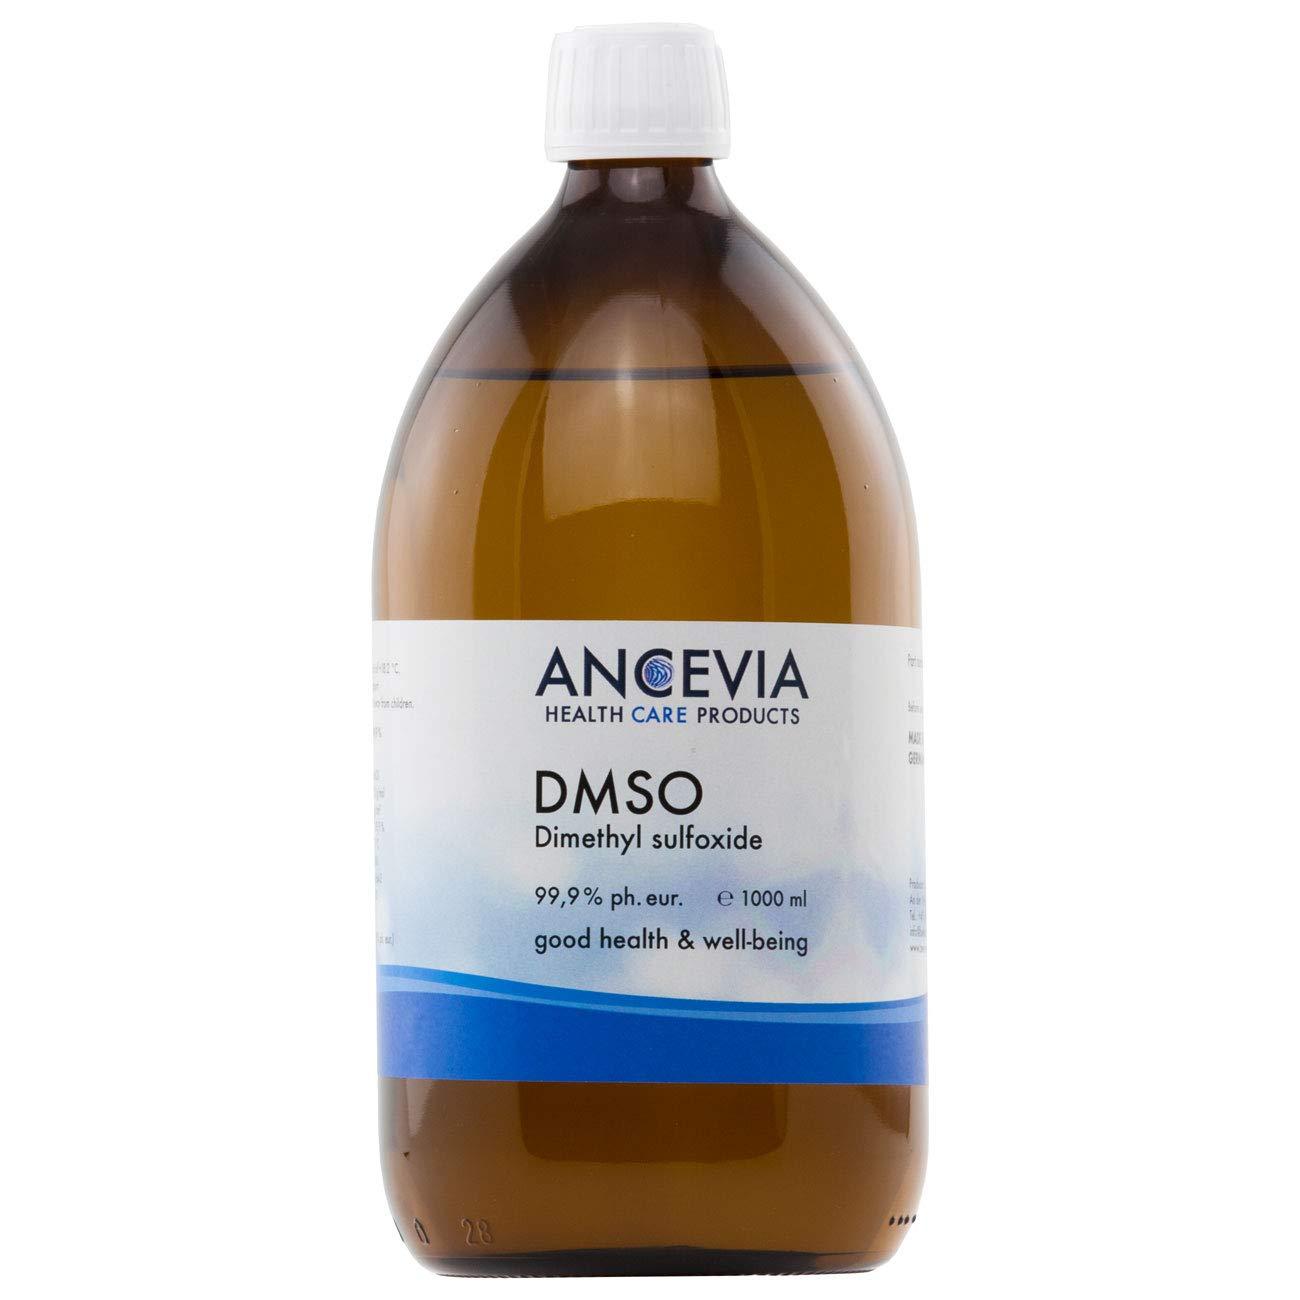 ANCEVIA® - DMSO 500/1000 ml - 99.9% Pureza Ph. Eur. - Dimetilsulfóxido – pureza farmacéutica - en botella de vidrio ámbar